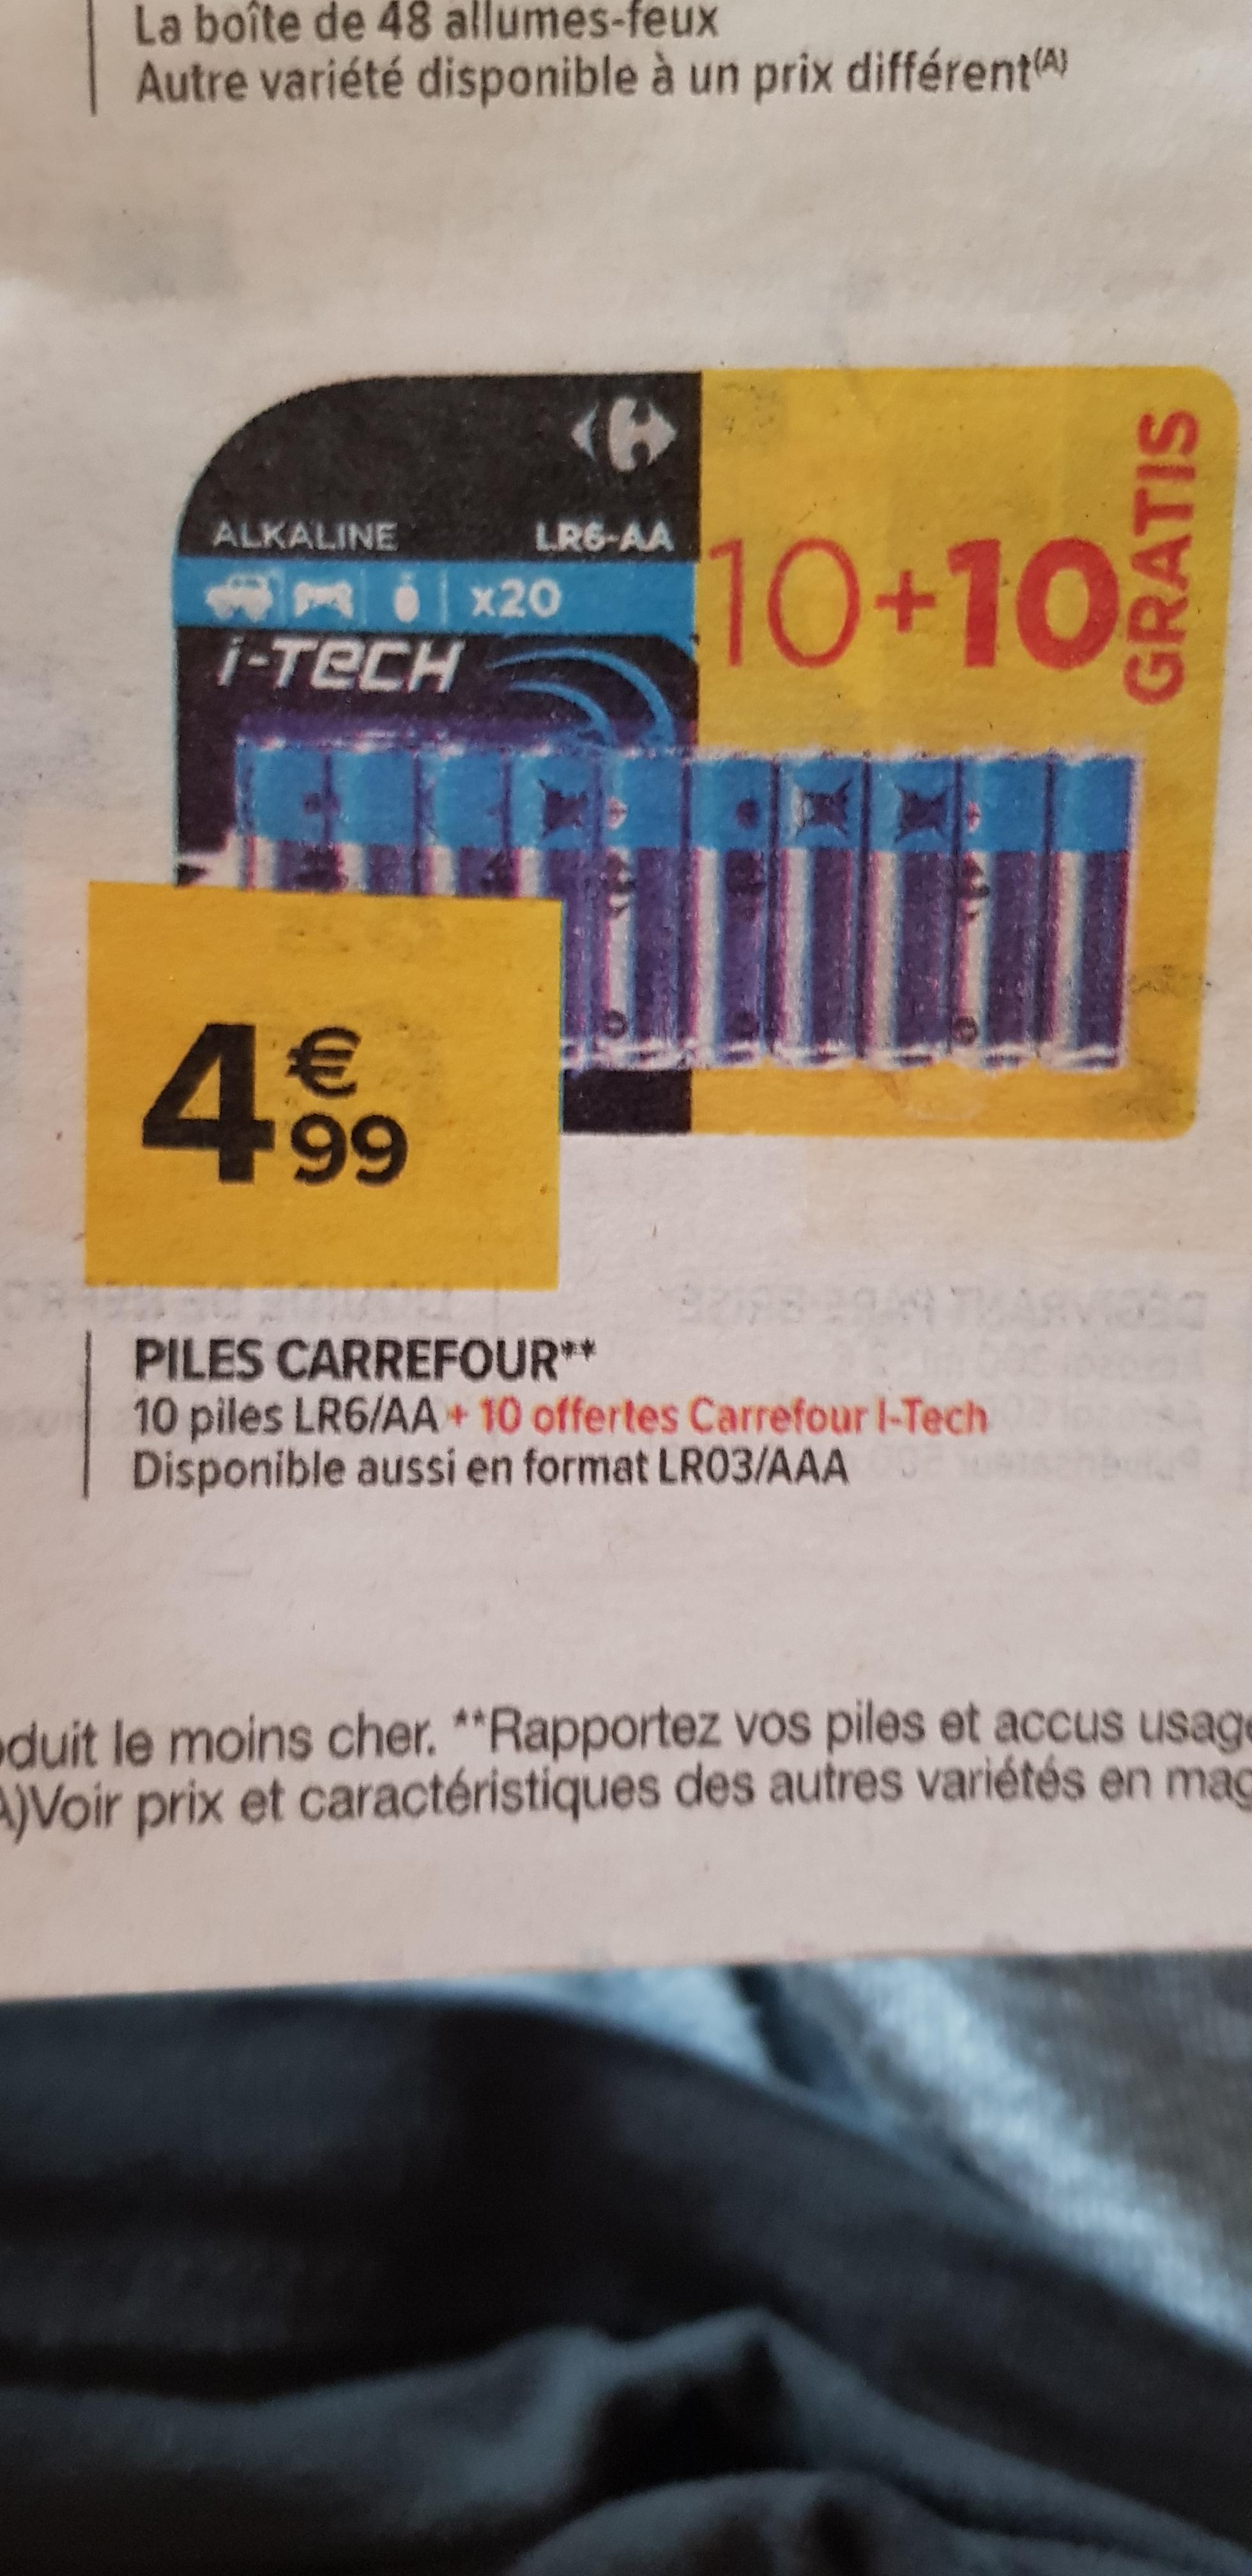 Lot de 20 Piles LR6 ou LR3 Carrefour i-Tech